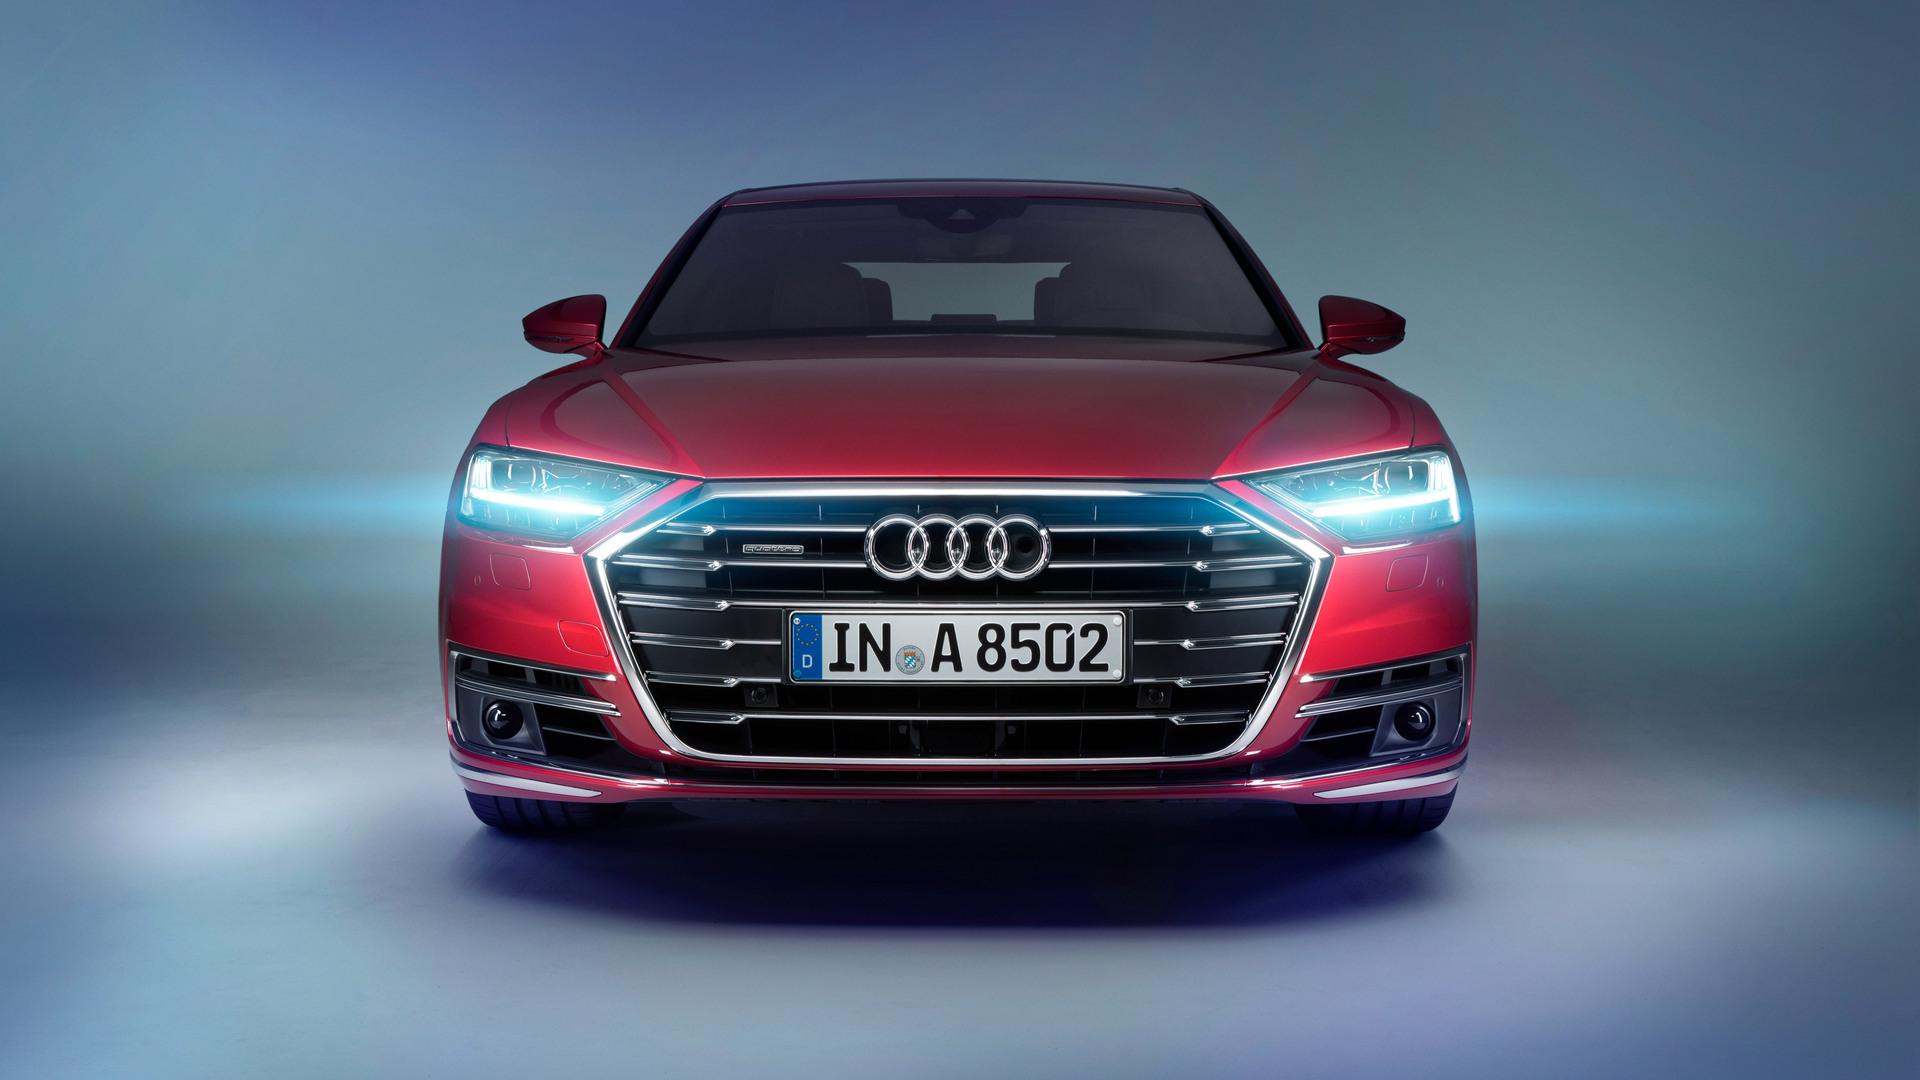 1920x1080 Audi A8 30 Tdi Quattro 4k Laptop Full Hd 1080p Hd 4k